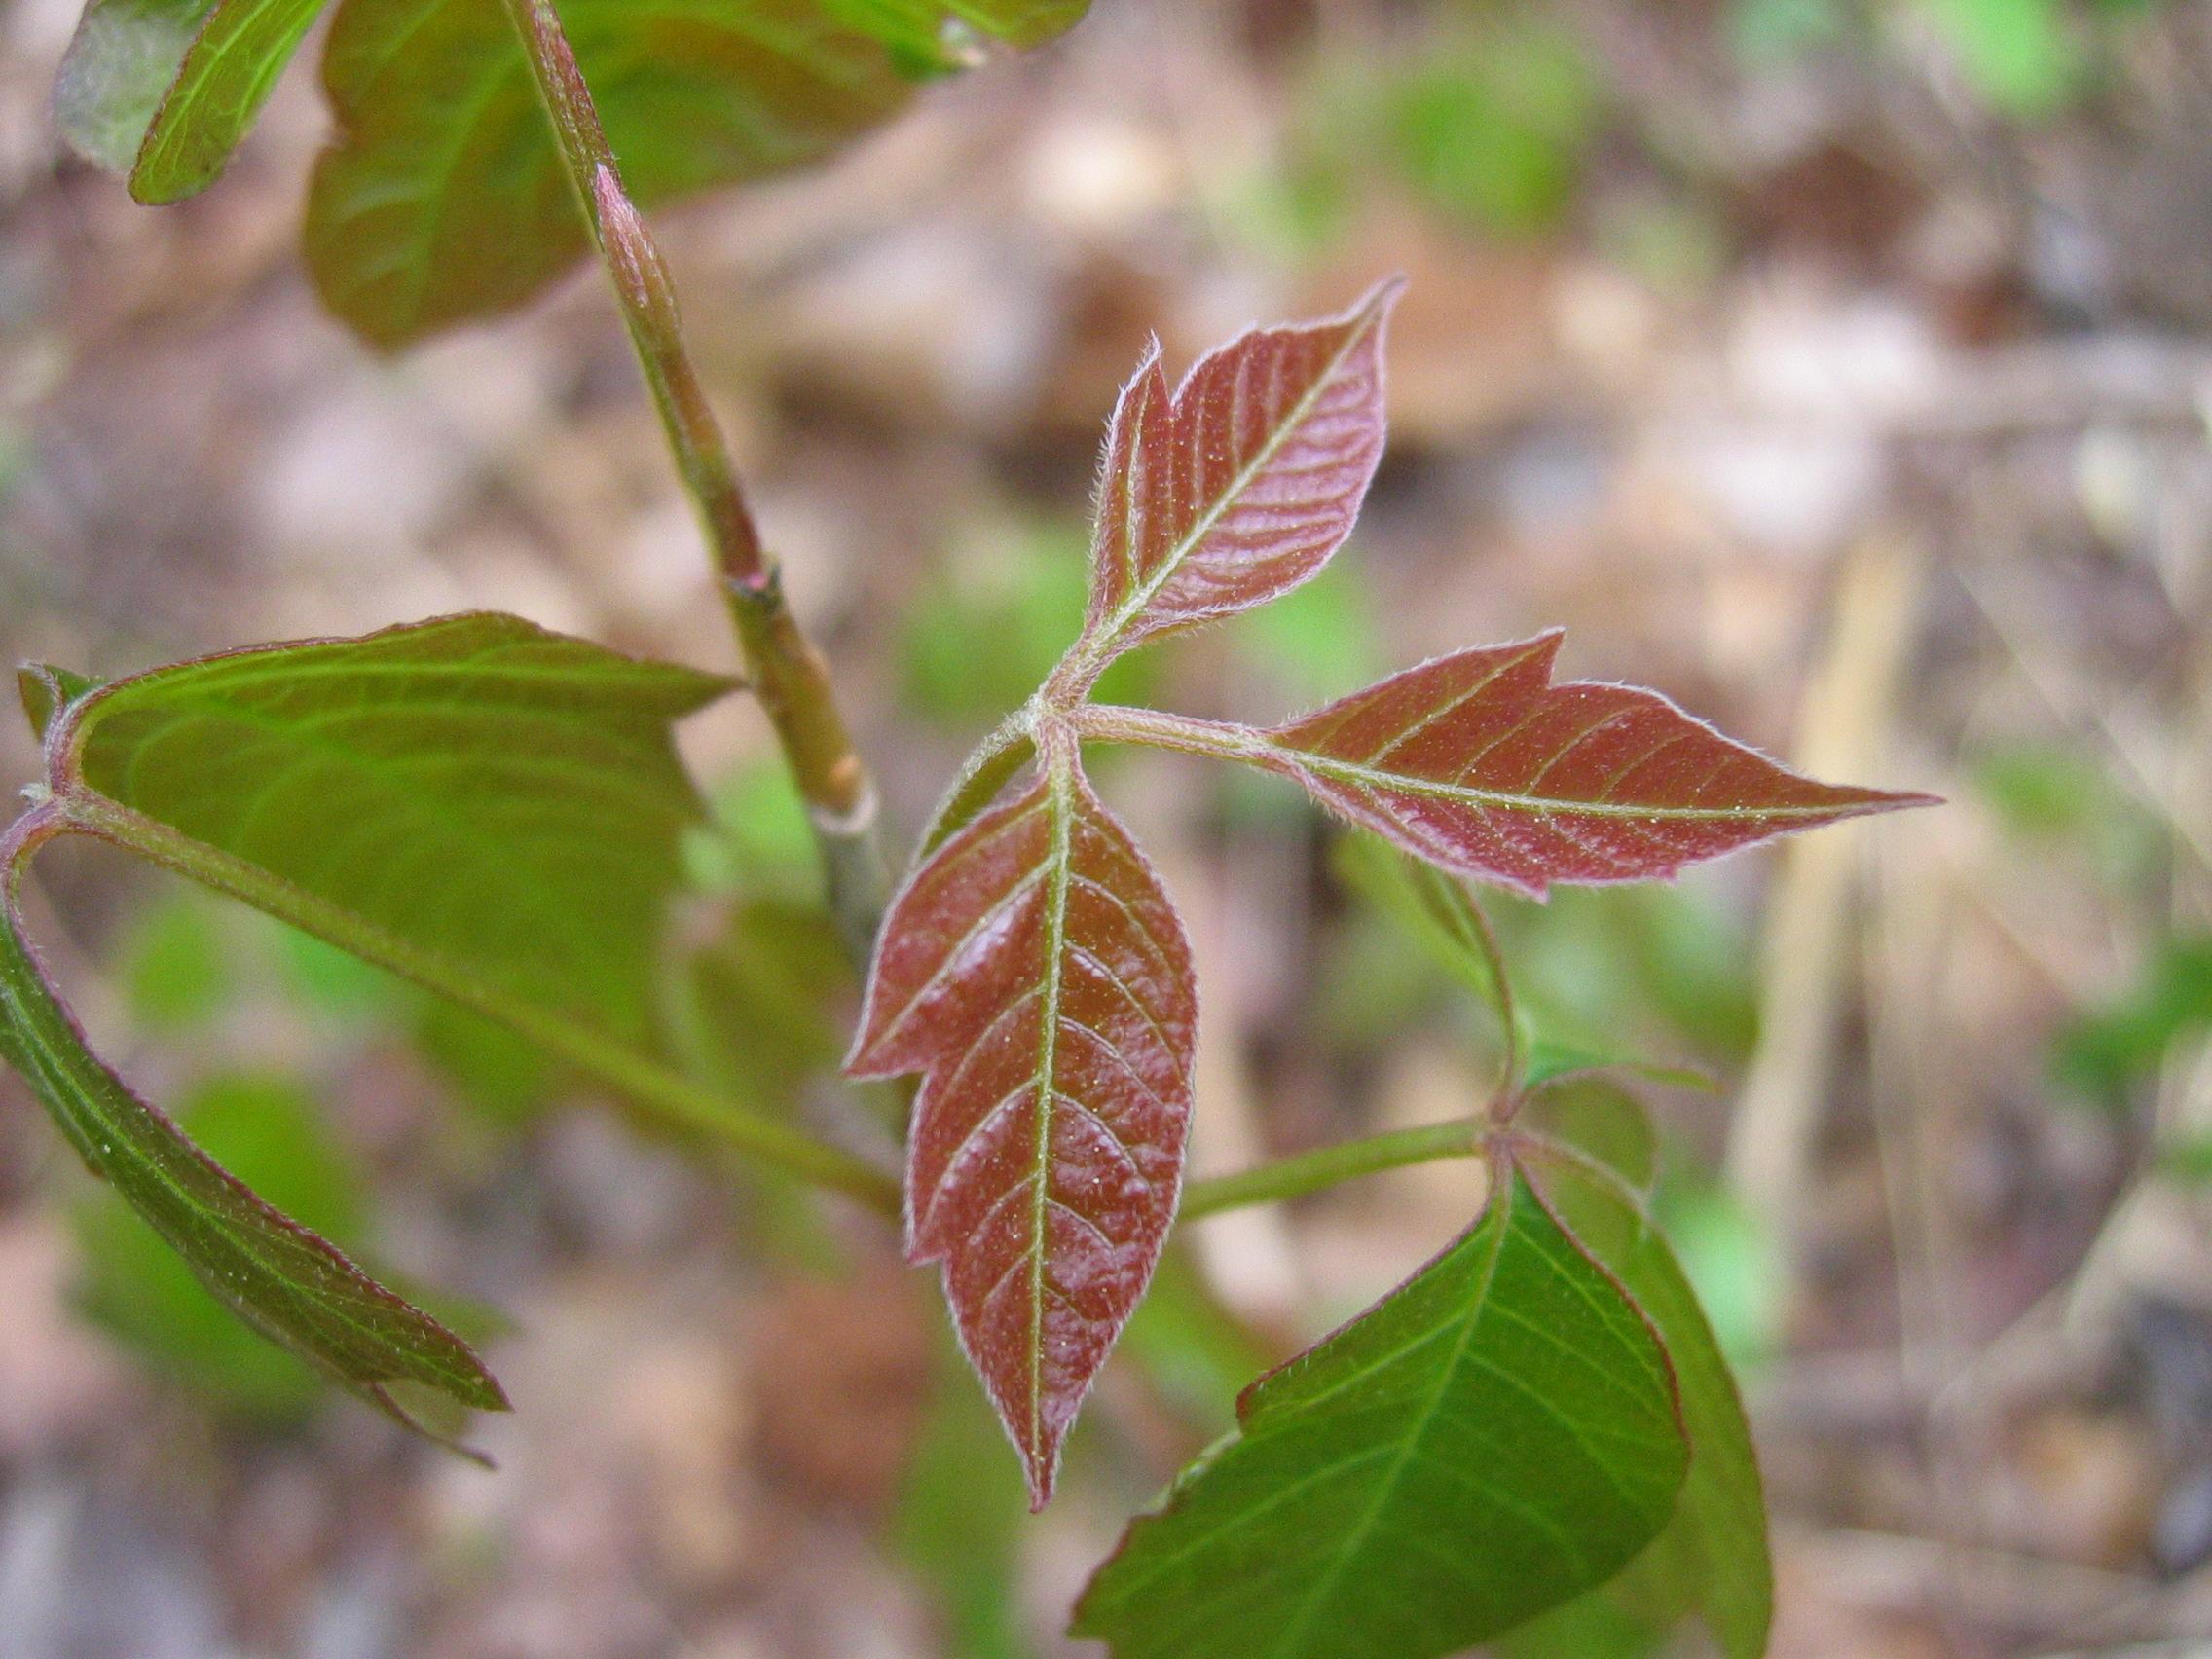 Poison ivy, friend not foe